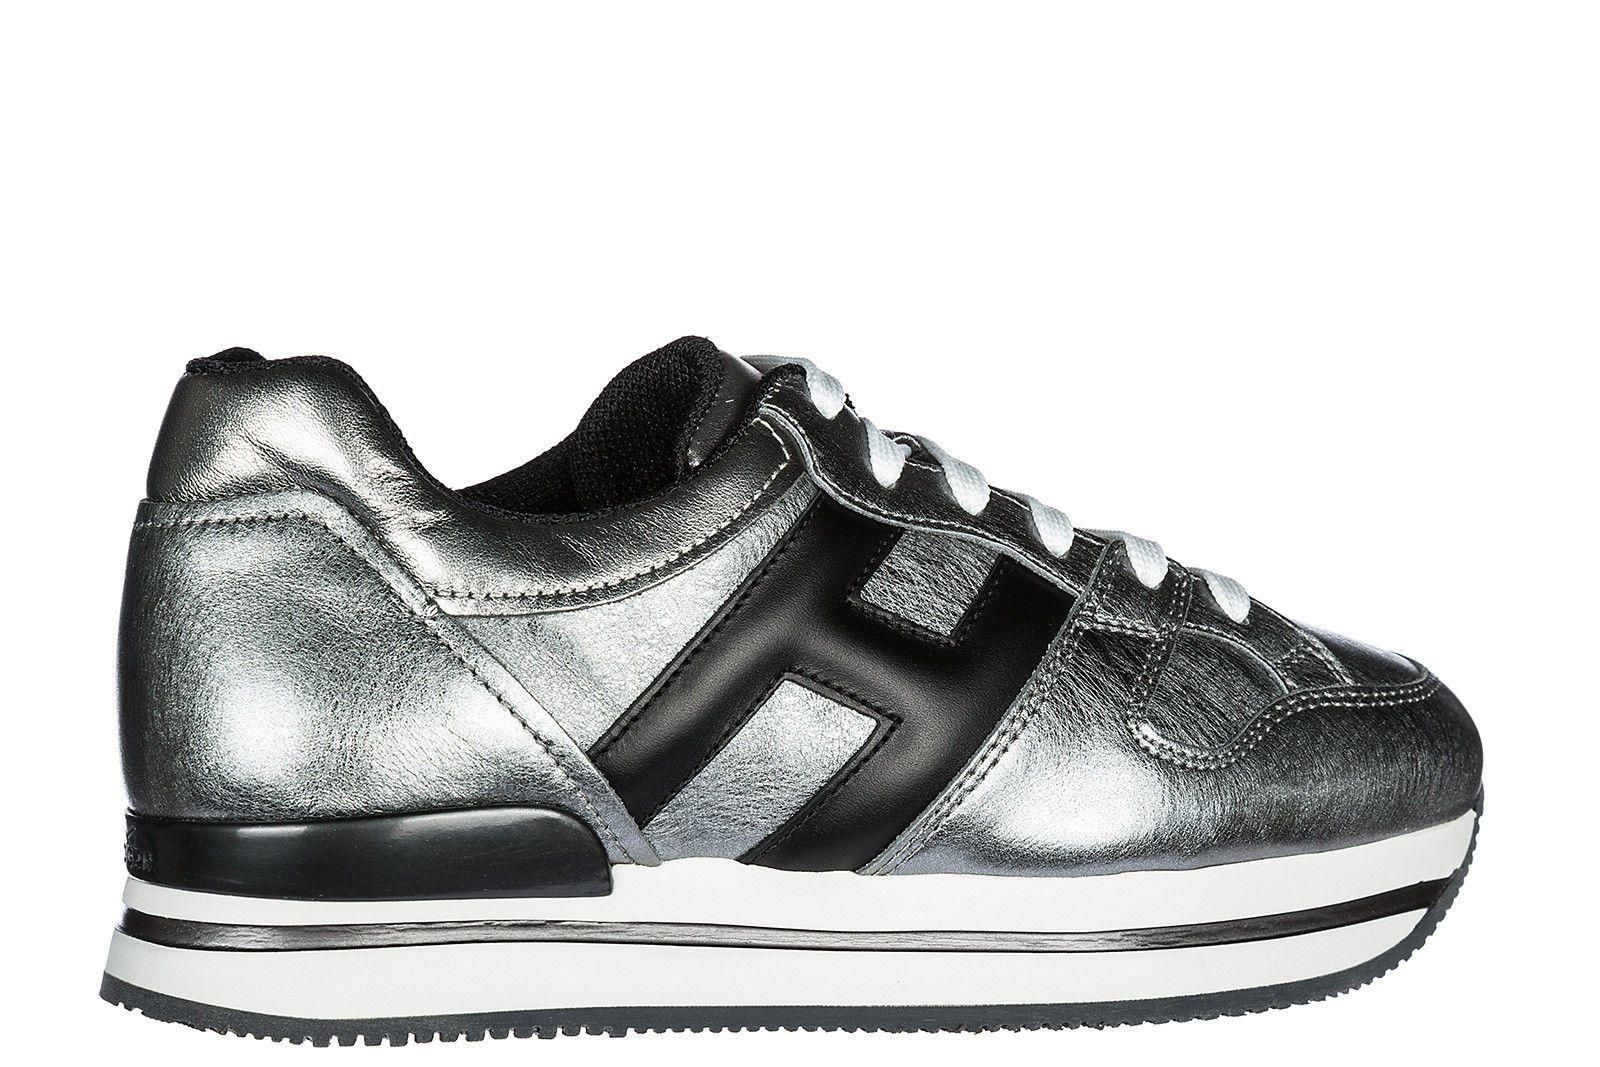 Chaussures De Sport Pour Les Femmes En Vente, Bleu Denim Foncé, Cuir Suède, 2017, 4.5 Hogan